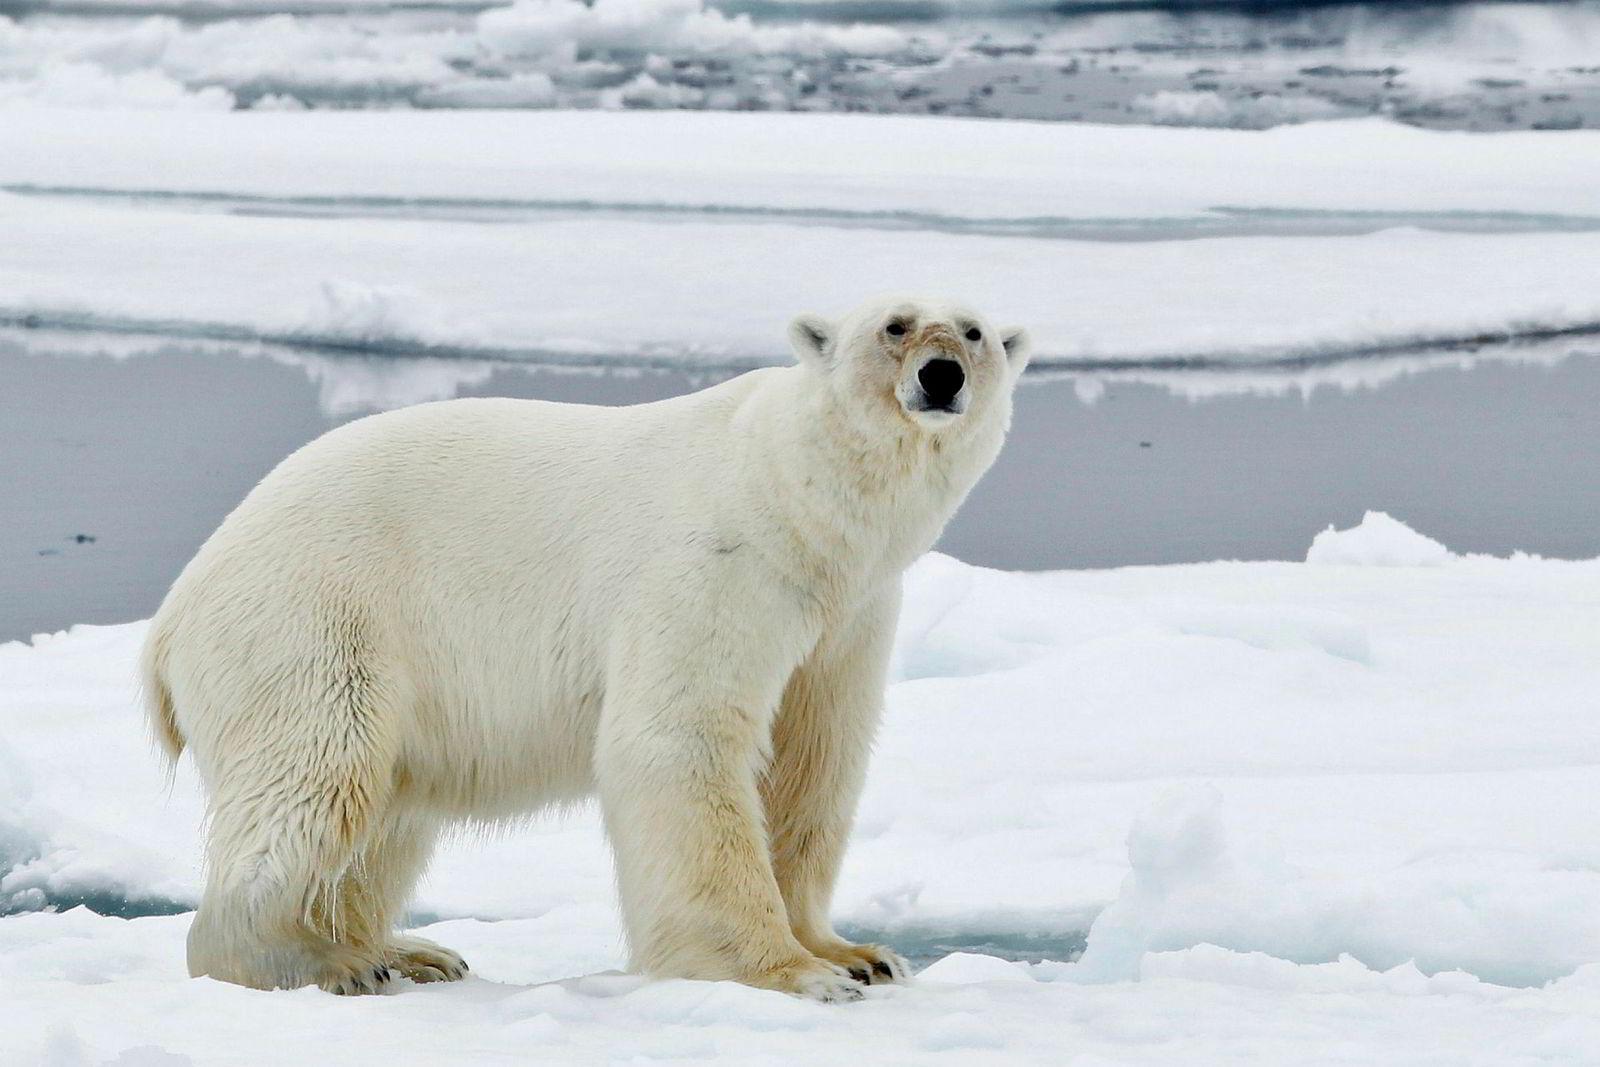 Paret som reiste med Hurtigruten fikk hverken, se denne eller noen av de rundt 3000 andre isbjørnene som det antas befinner seg på Svalbard og i isområdene rundt.